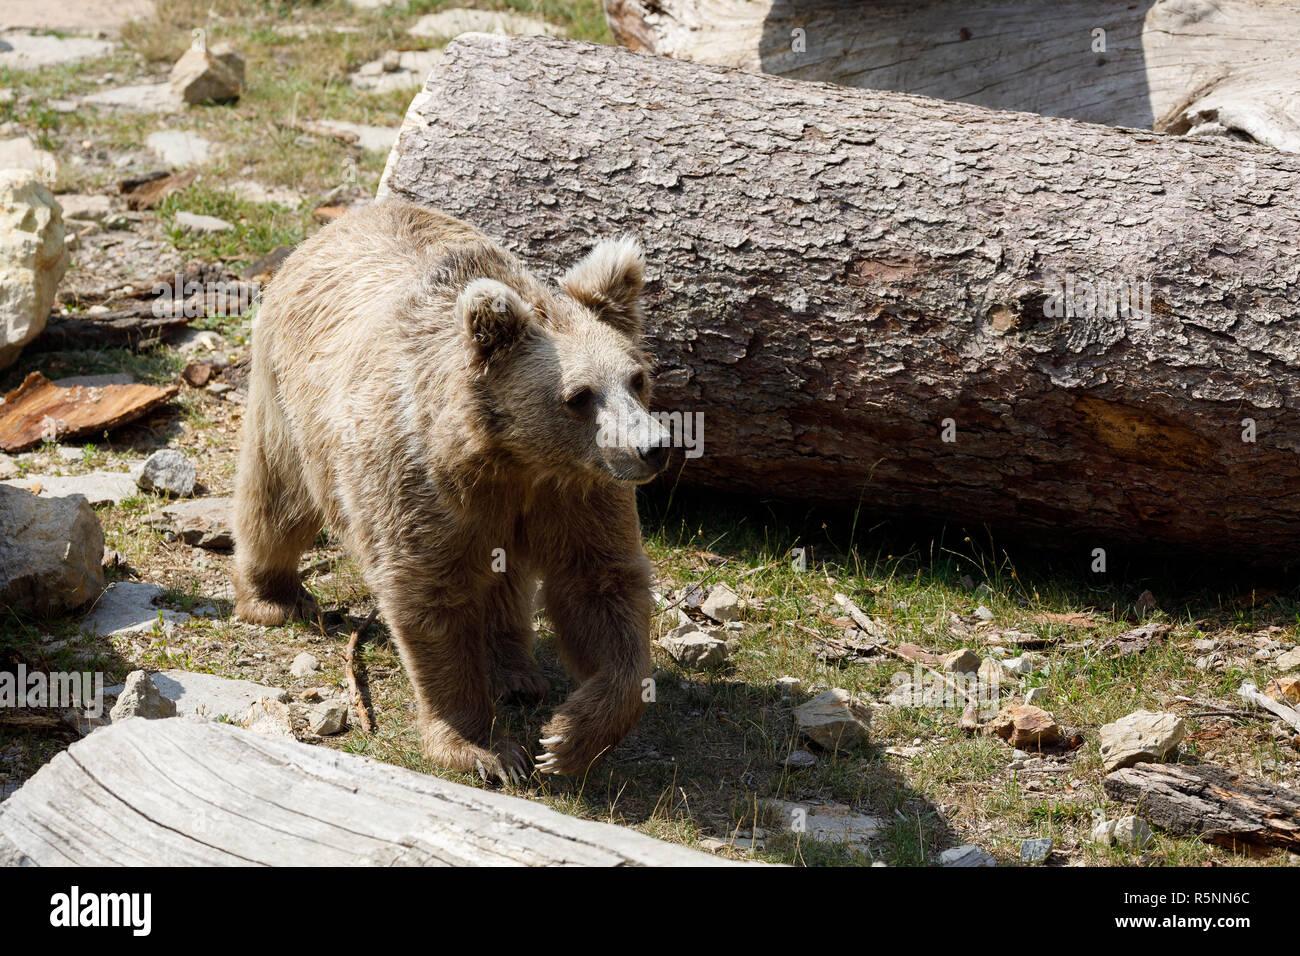 Himalayan brown bear (Ursus arctos isabellinus) Stock Photo